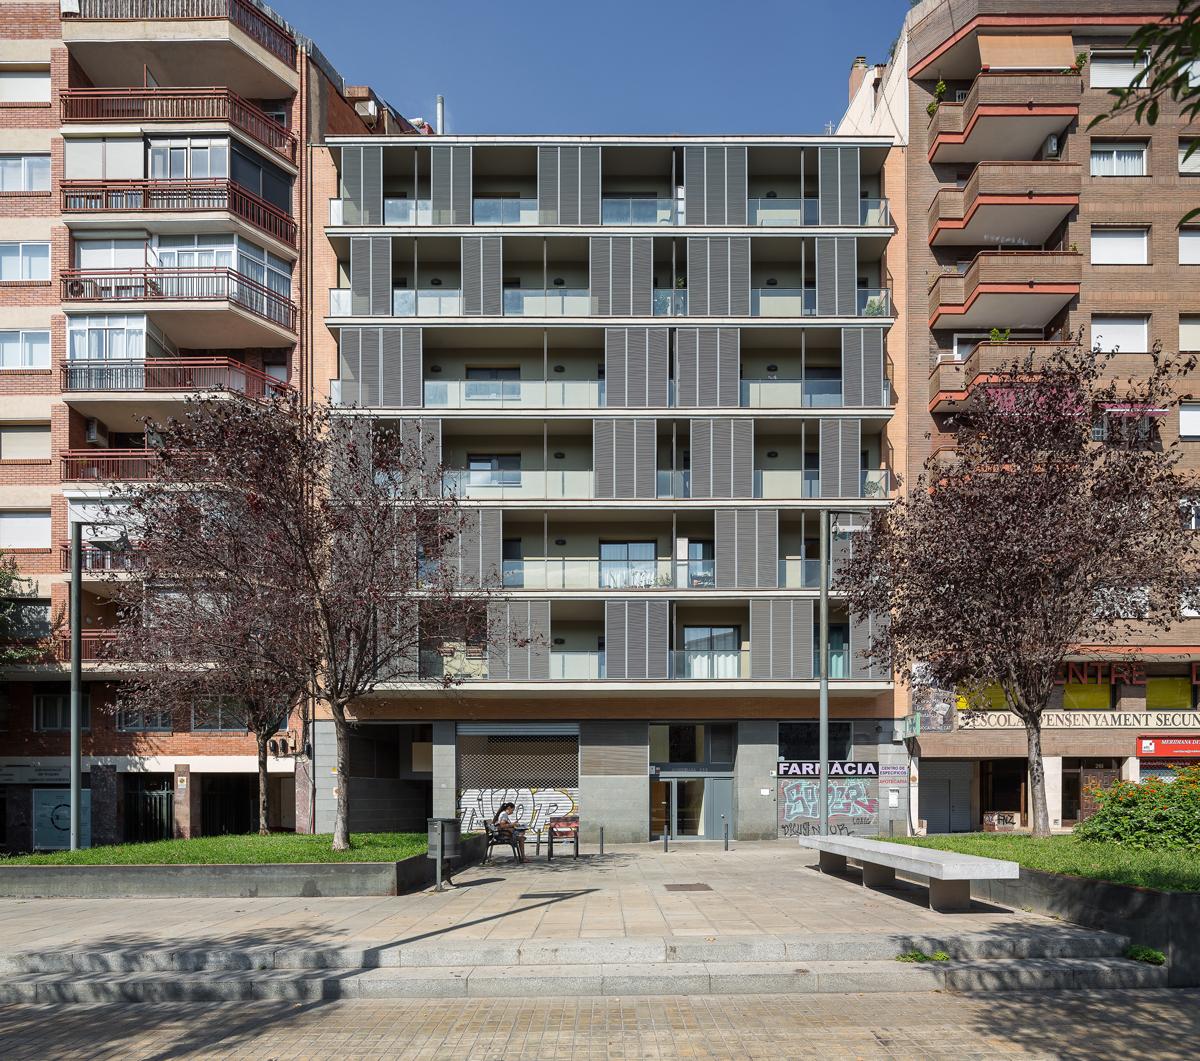 façana habitatges avinguda meridiana sant andreu barcelona